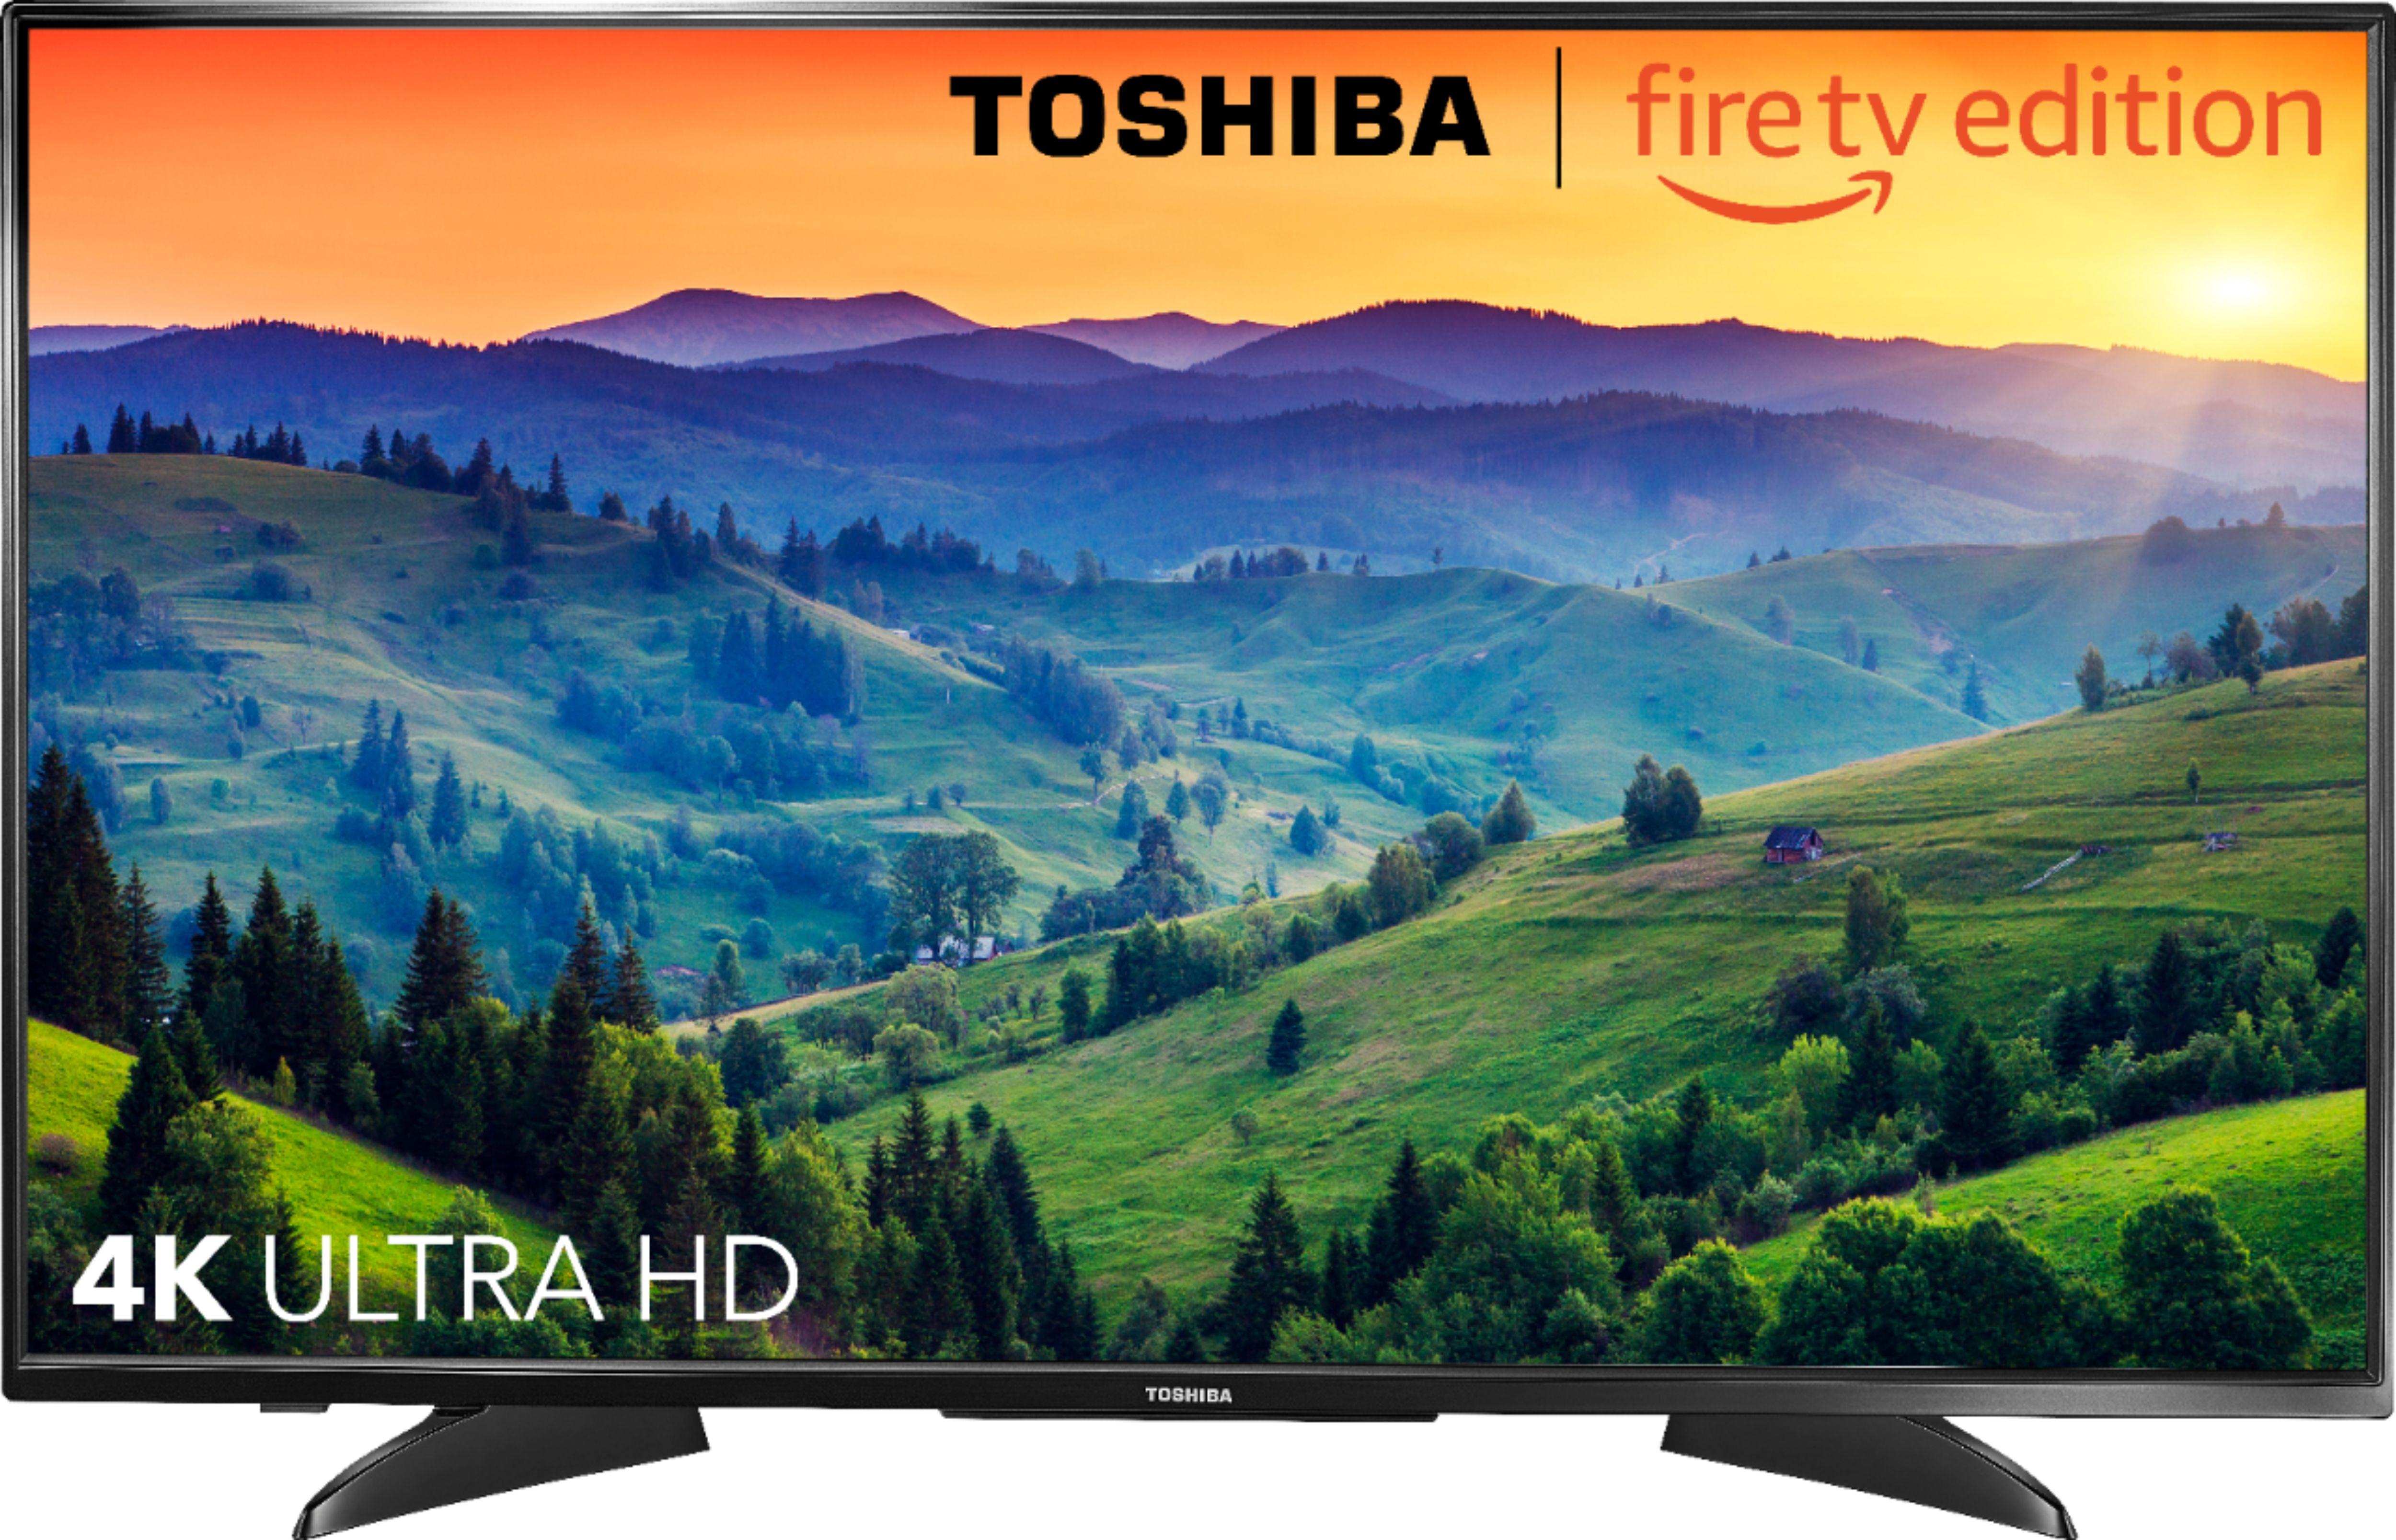 Image 2 for Toshiba 43LF621U19